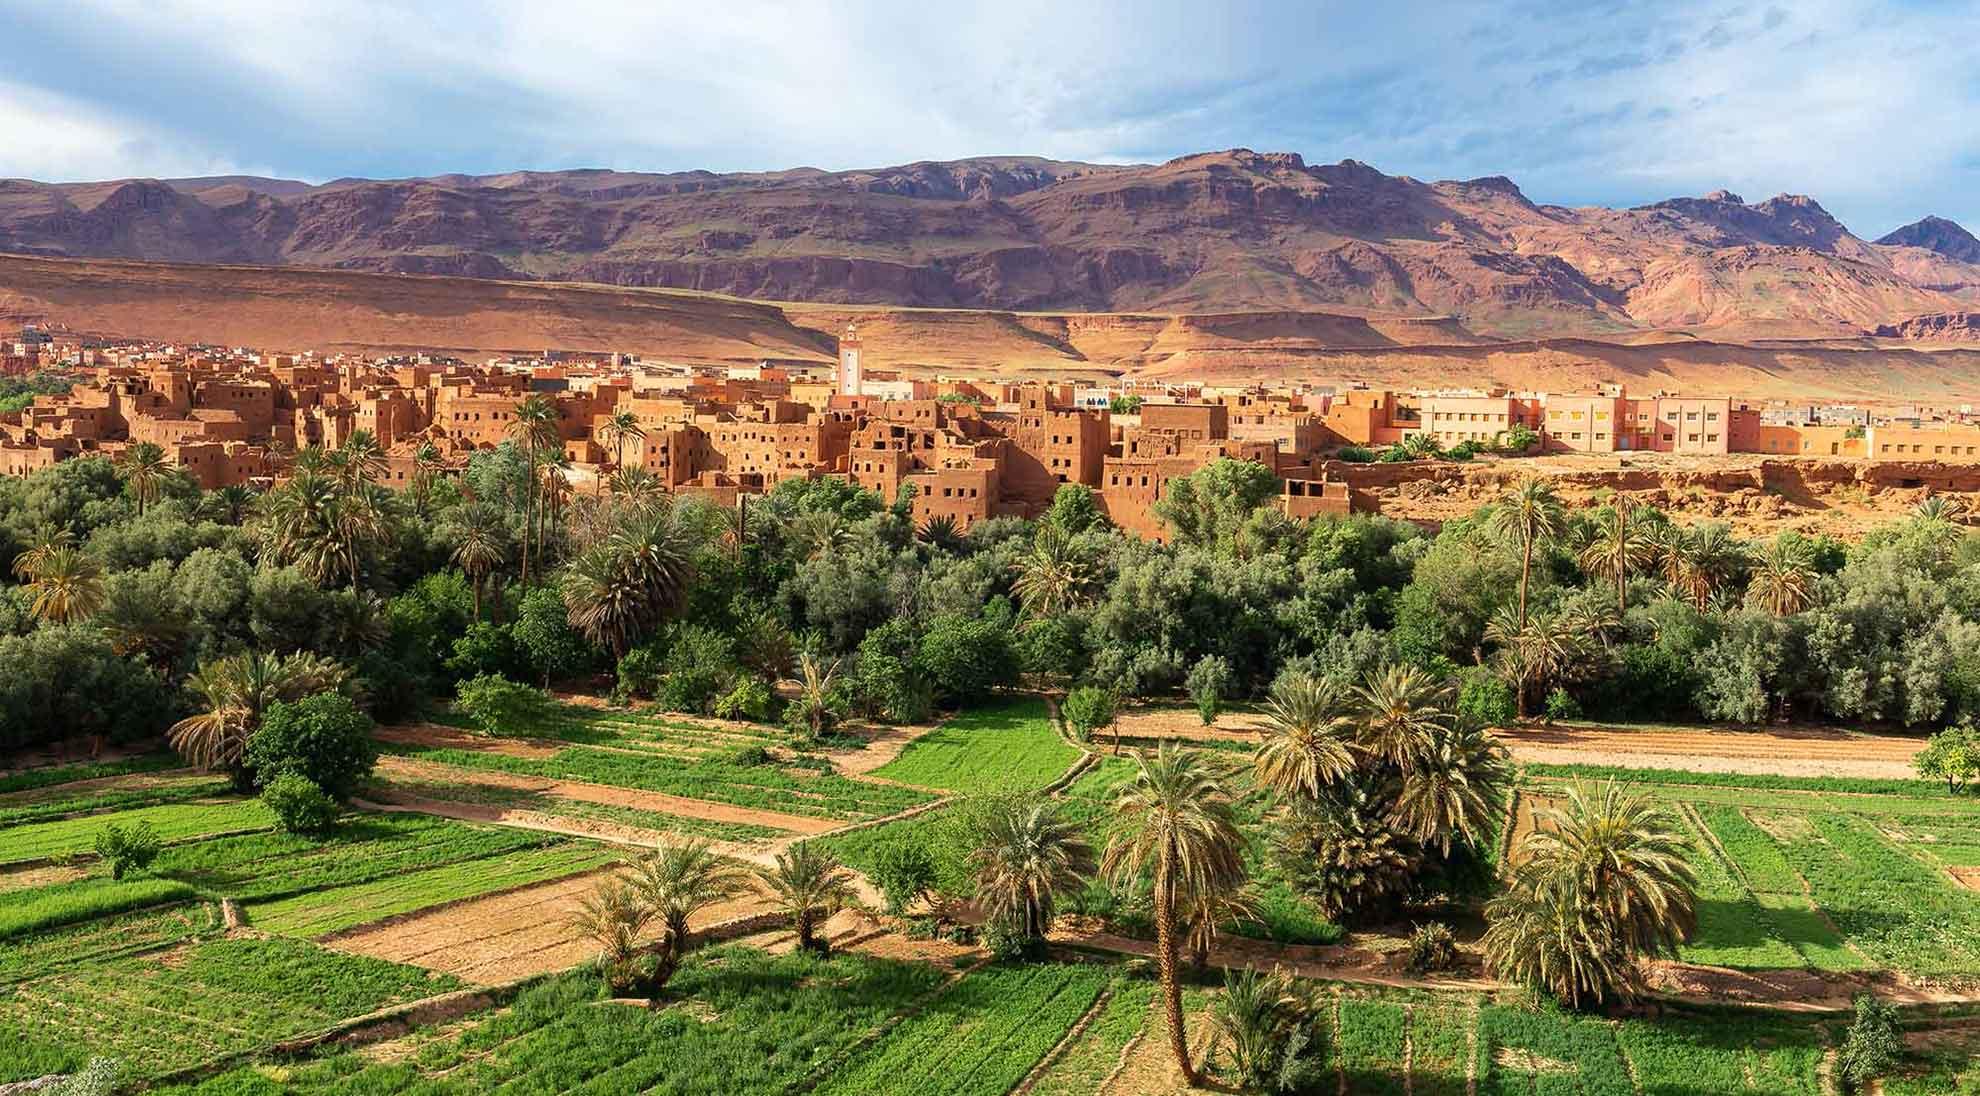 Voyage au Maroc, découverte d'une oasis, Samsara Voyages